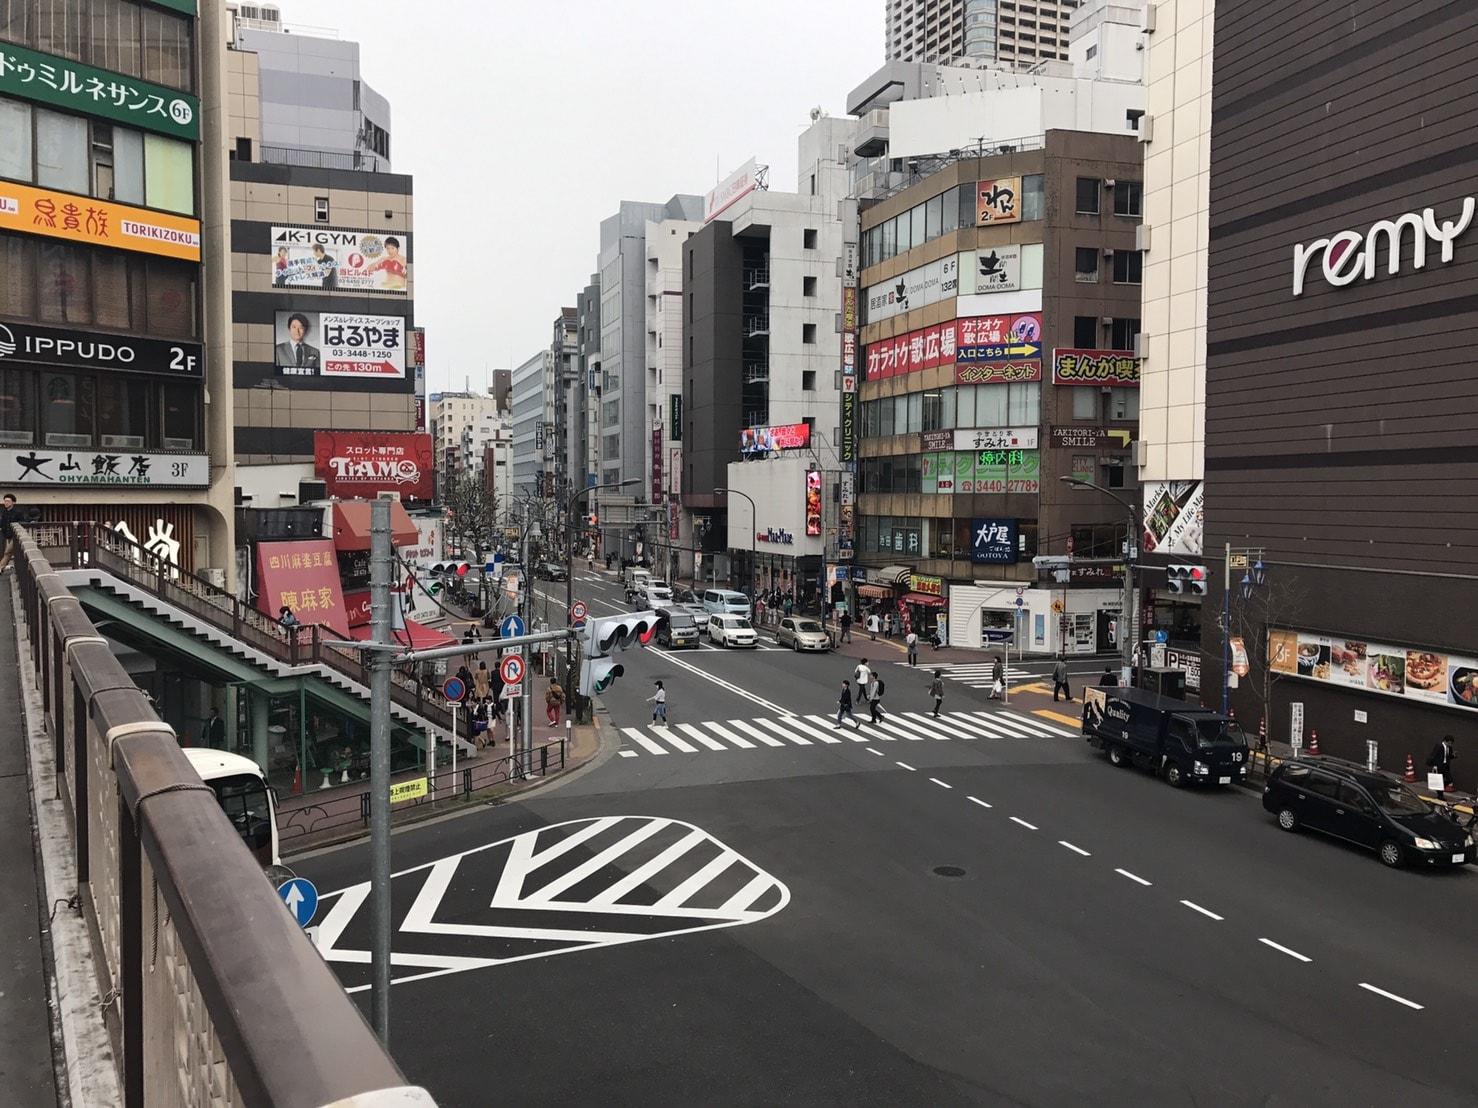 駅前の歩道橋からの様子